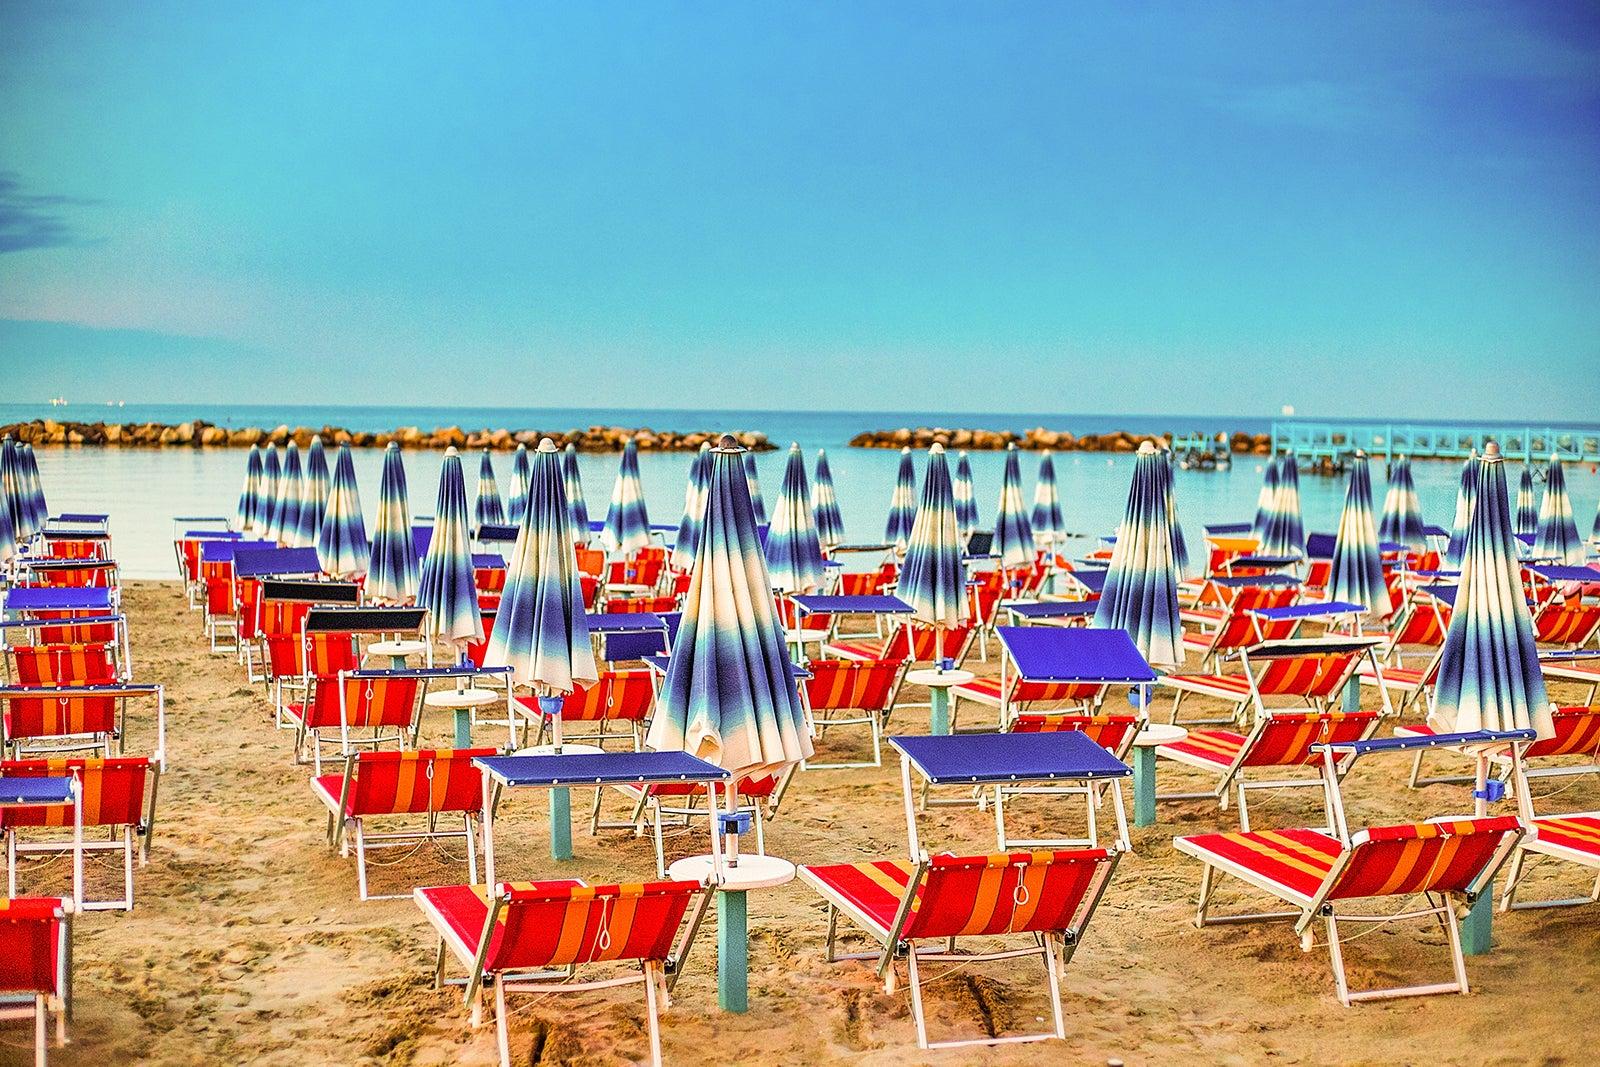 Cartina Riviera Romagnola.10 Spiagge Da Non Perdere In Emilia Romagna Il Litorale Delle Vacanze Tra Sabbia Lucente E Divertimento Go Guides